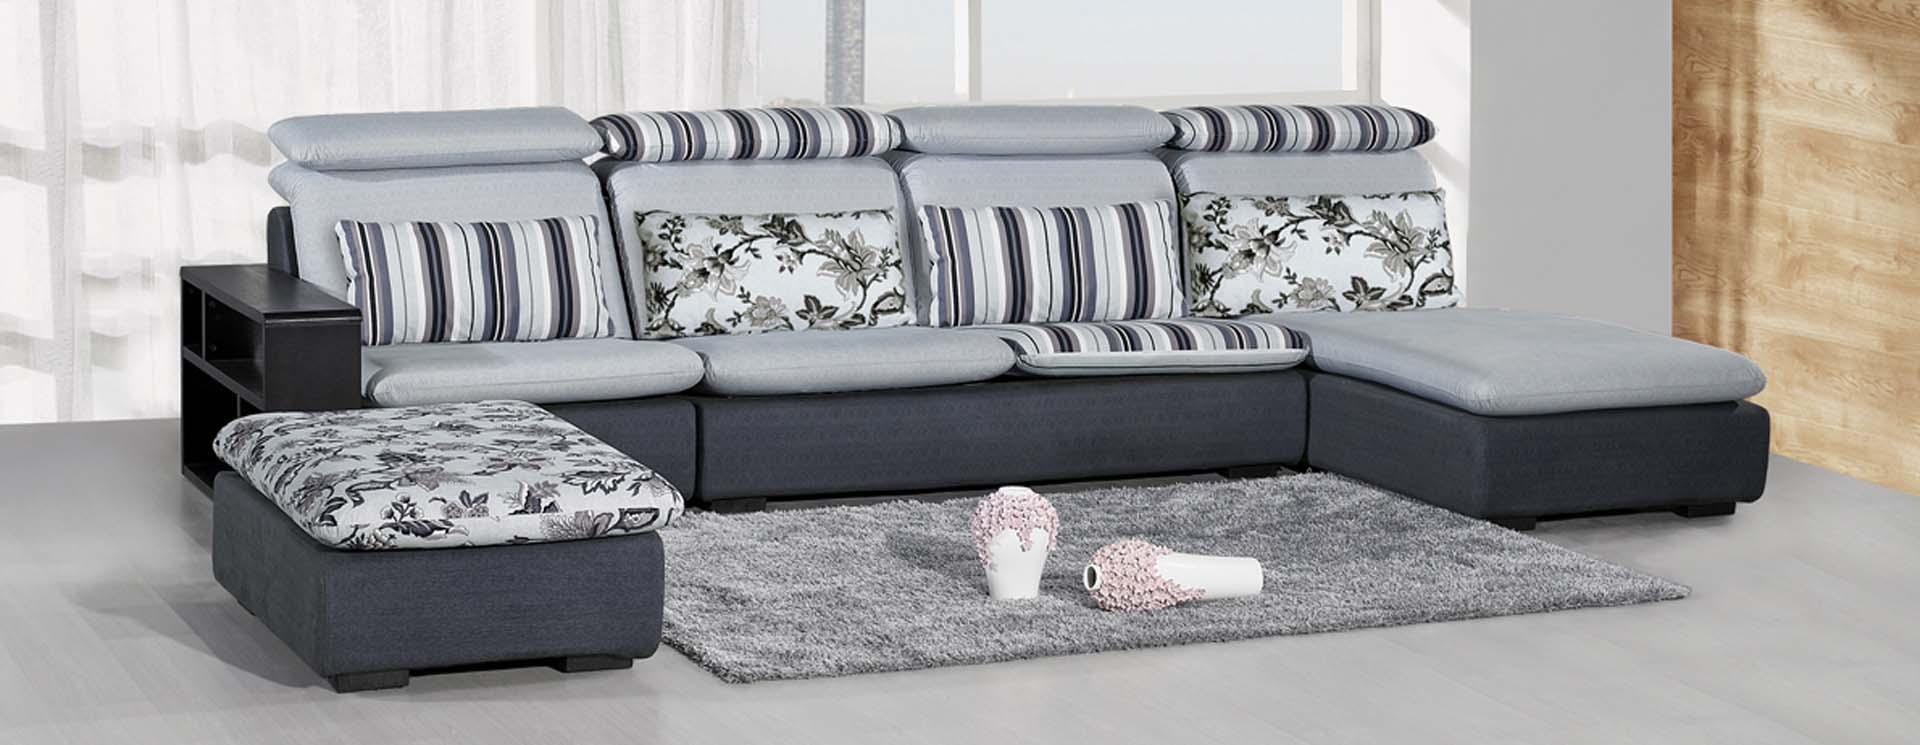 名称:沙发K595A#<br/> 市场价:<font style='color:#999;text-decoration:line-through;'>¥0</font><br />全国统一零售价:<font color='Red'>¥0.0</font>